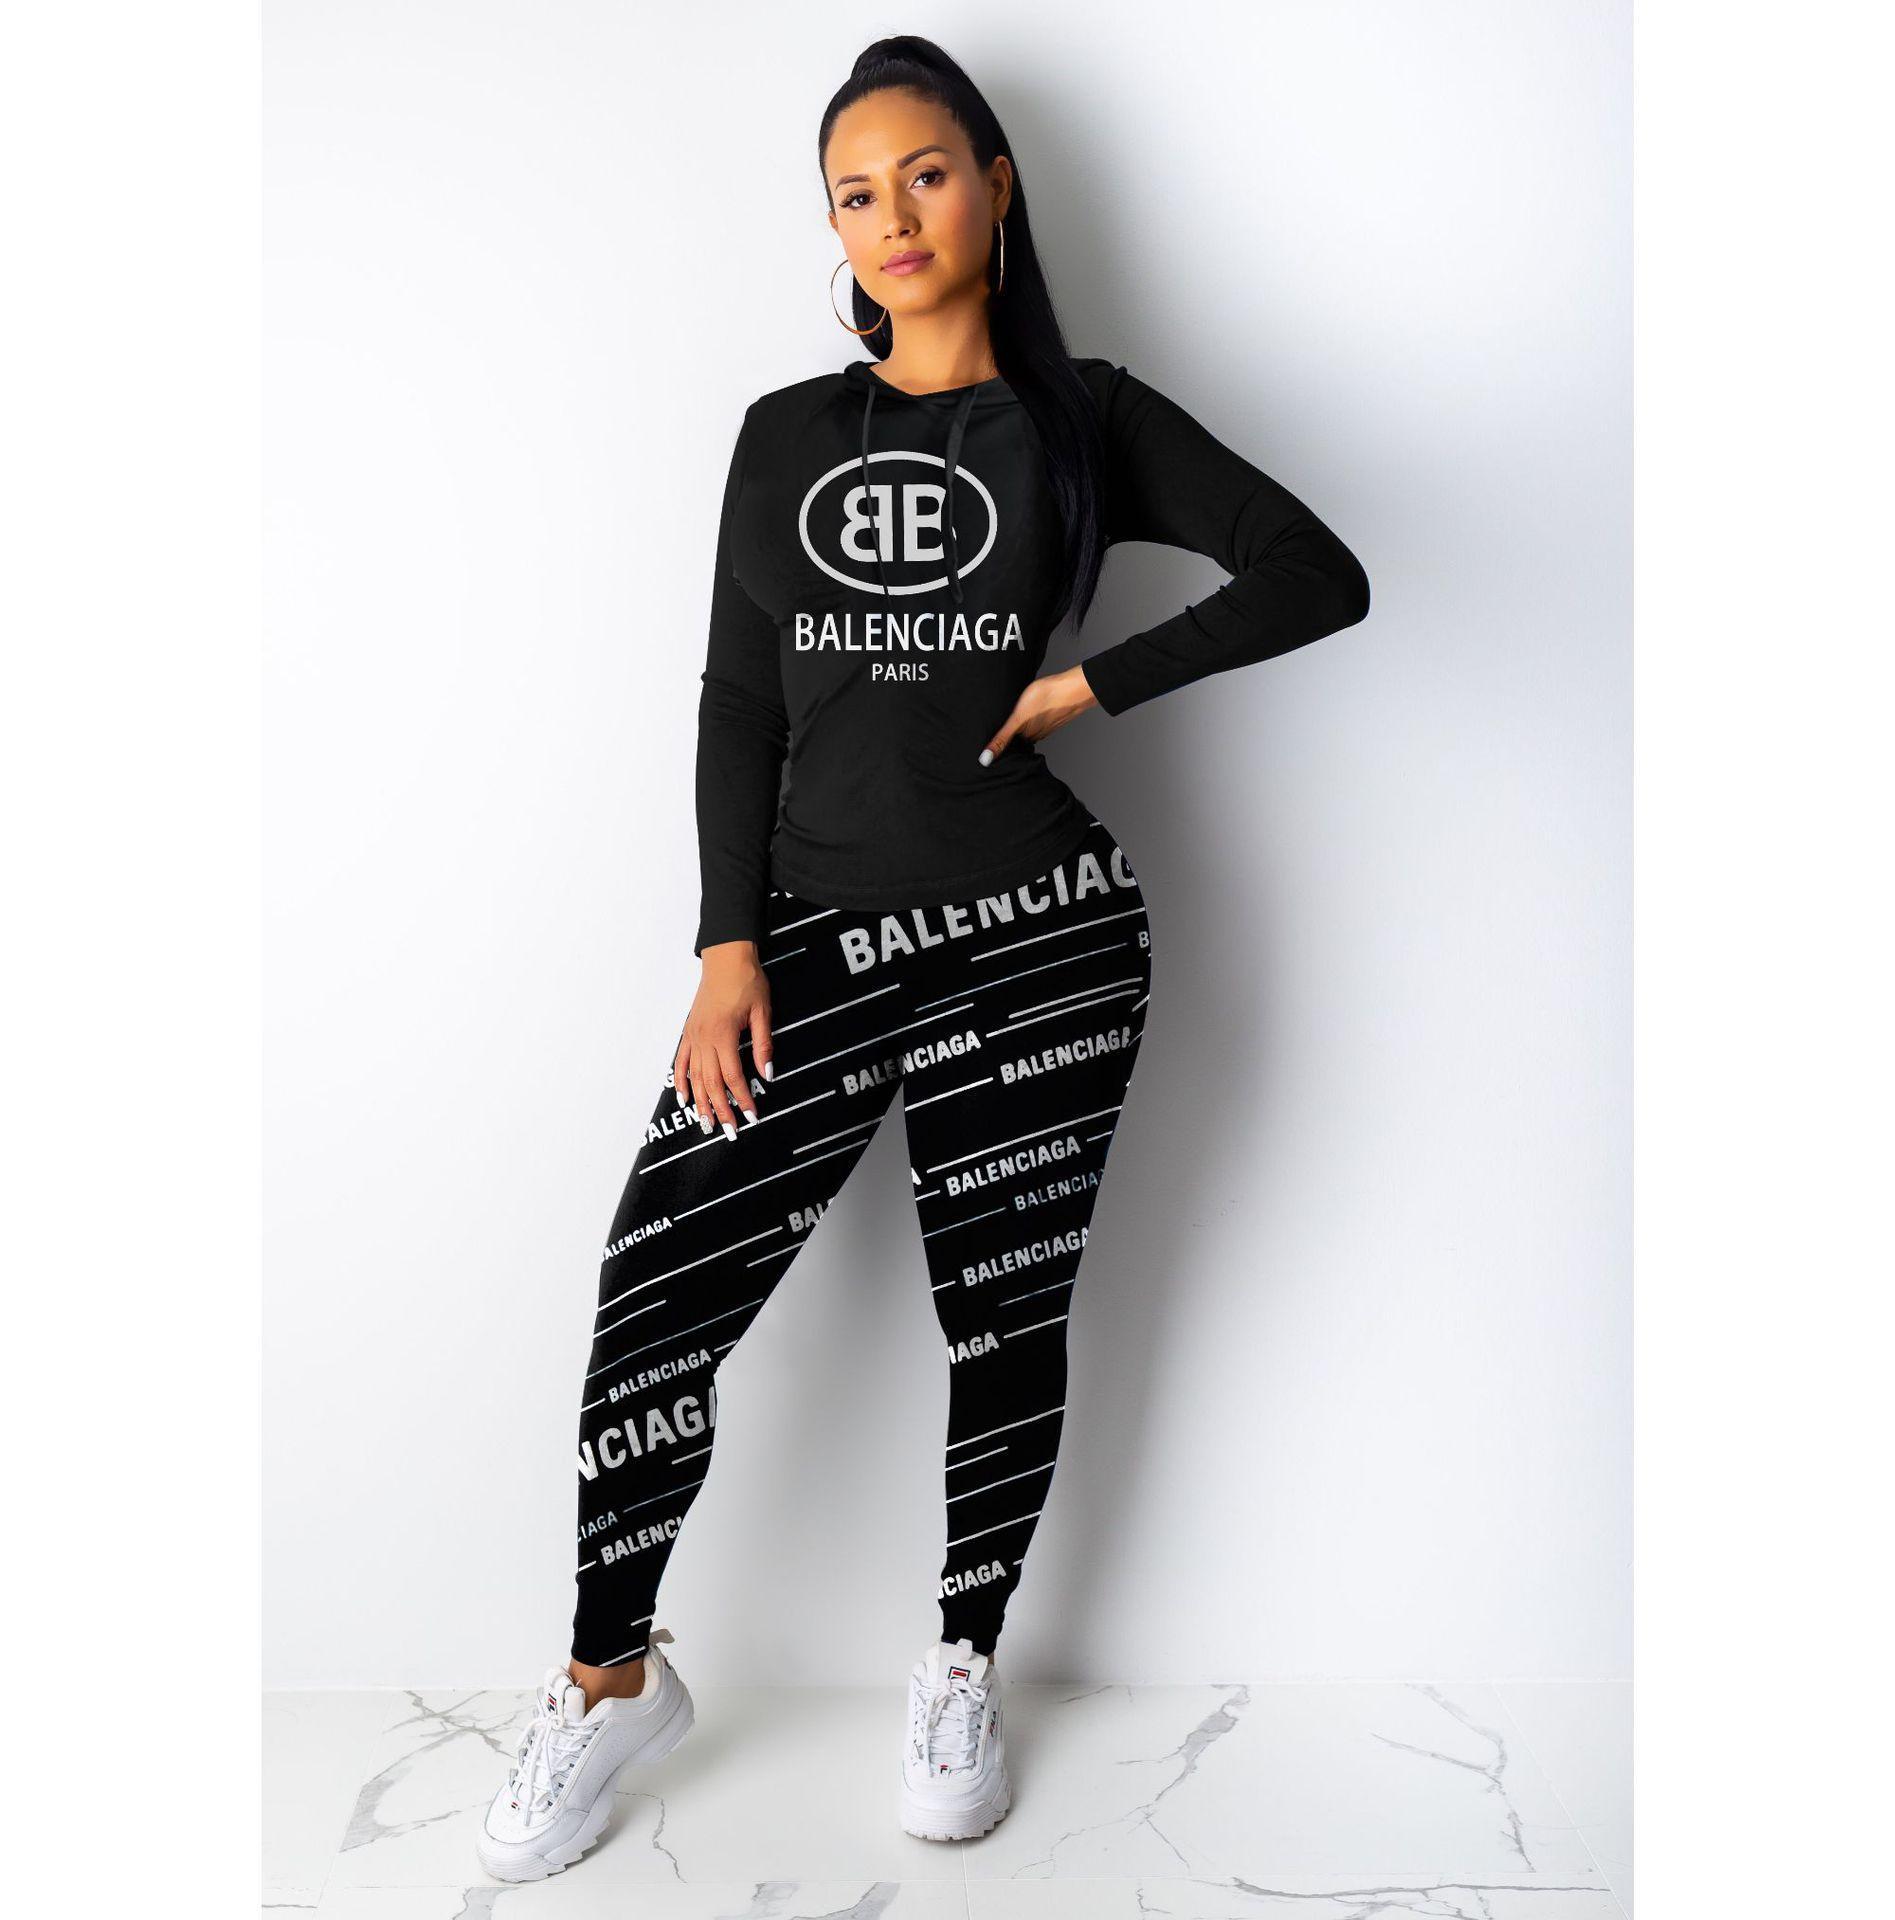 Traje de dos piezas para damas americanas Europea y de cuerpo completo impresión versión Slim ropa deportiva llena de moda salvaje transfronterizo informal fo